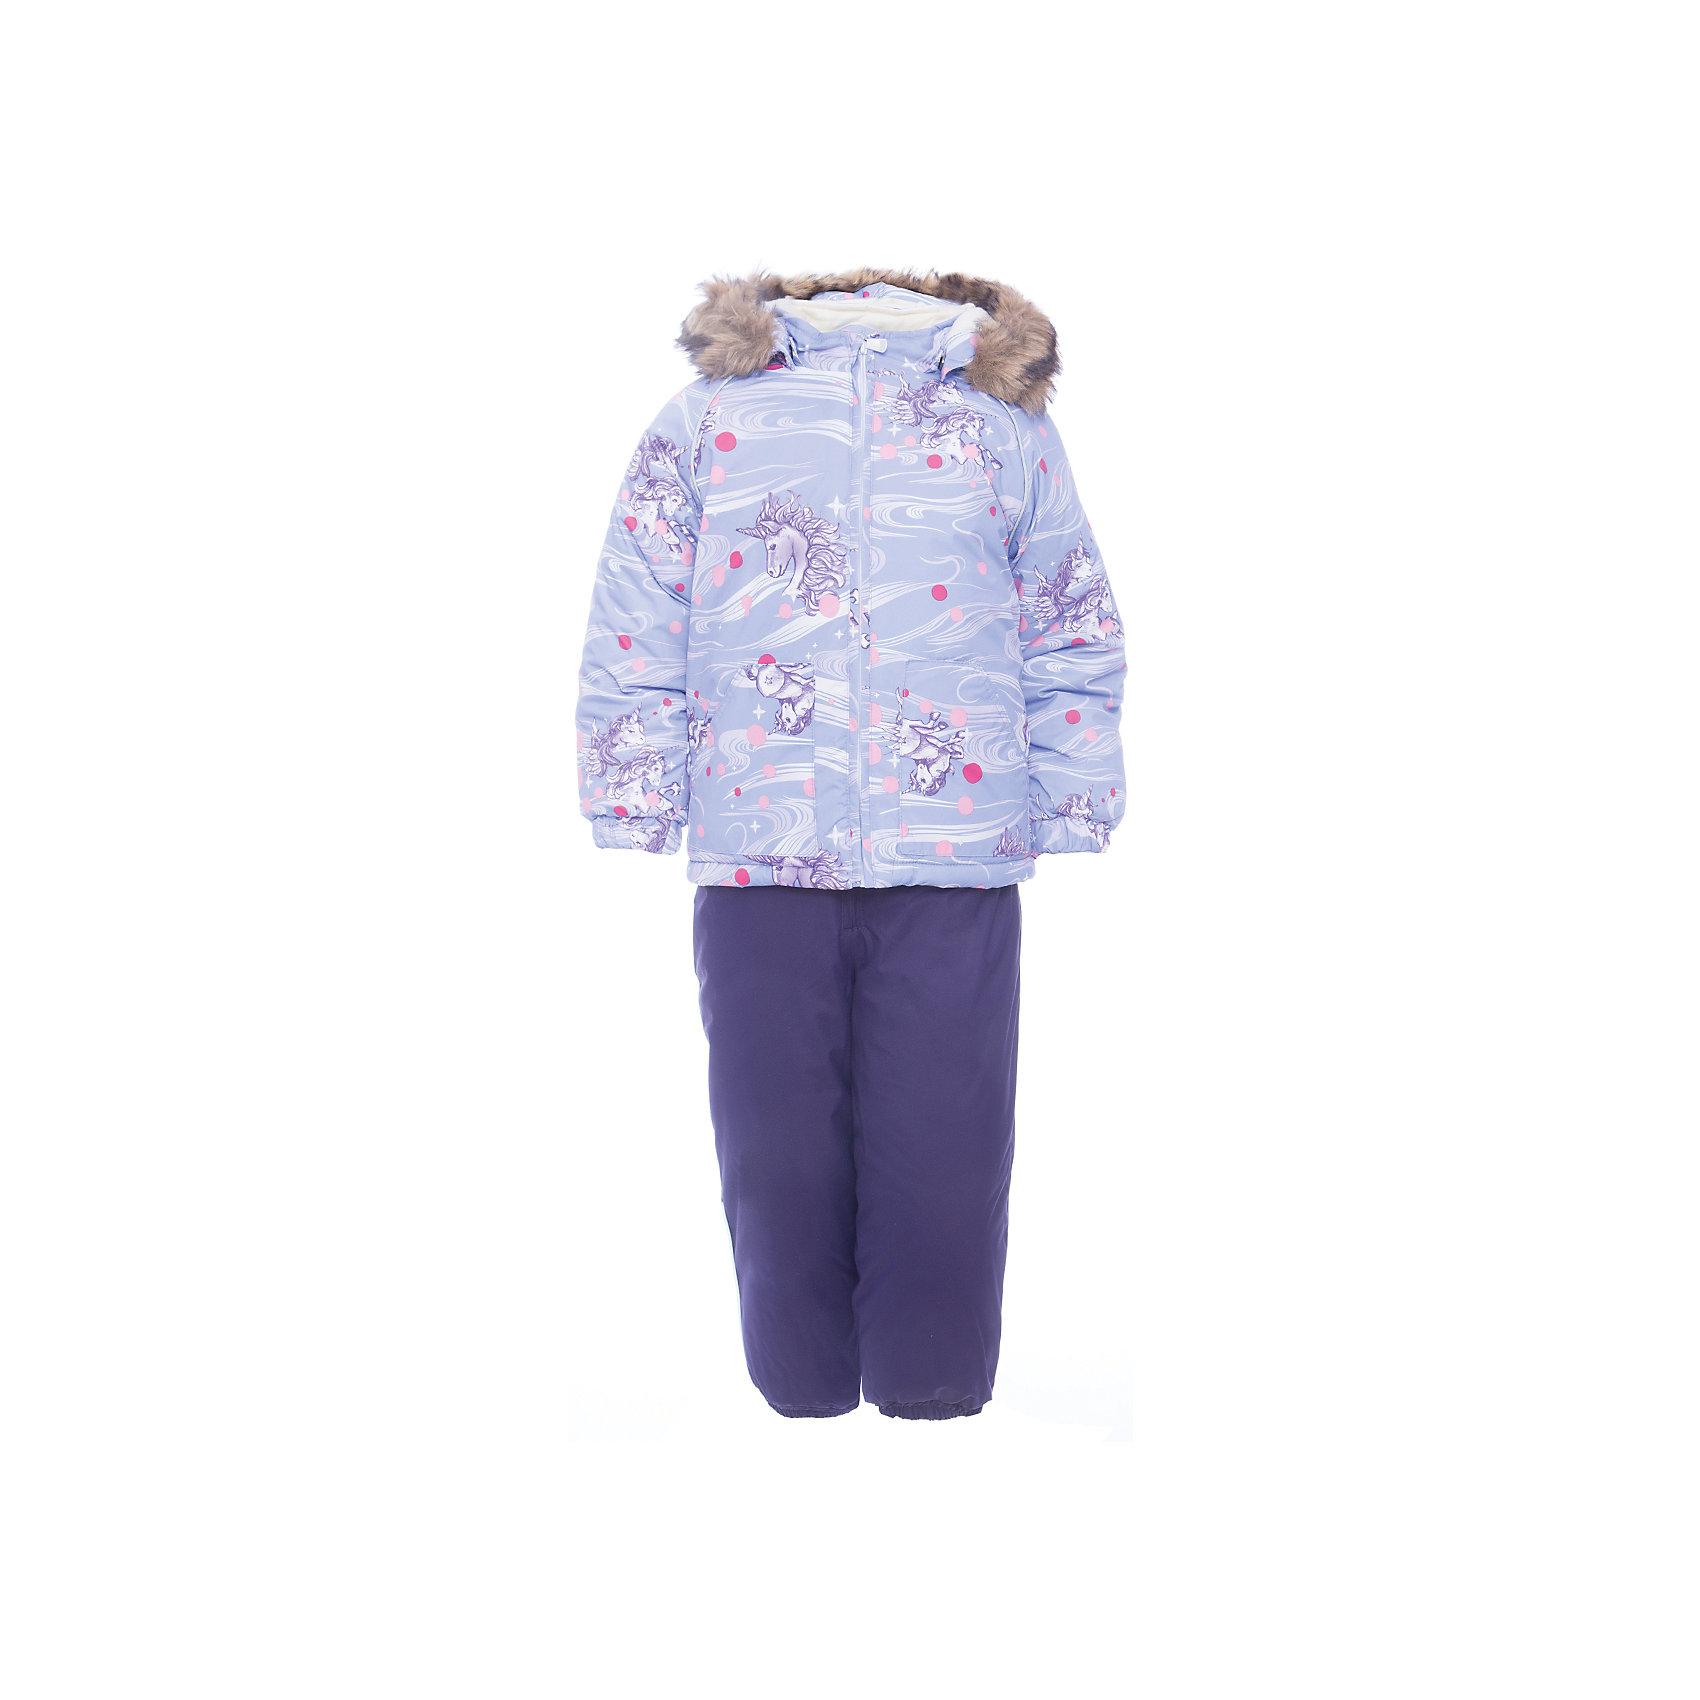 Комплект: куртка и брюки AVERY HuppaВерхняя одежда<br>Комплект для малышей  AVERY.Водо и воздухонепроницаемость 5 000 куртка / 10 000 брюки. Утеплитель 300 гр куртка/160 гр брюки. Подкладка фланель 100% хлопок.Отстегивающийся капюшон с мехом.Манжеты рукавов на резинке. Манжеты брюк на резинке.Добавлены петли для ступней.Резиновые подтяжки.Имеются светоотражательные элементы.<br>Состав:<br>100% Полиэстер<br><br>Ширина мм: 356<br>Глубина мм: 10<br>Высота мм: 245<br>Вес г: 519<br>Цвет: лиловый<br>Возраст от месяцев: 36<br>Возраст до месяцев: 48<br>Пол: Унисекс<br>Возраст: Детский<br>Размер: 104,80,86,92,98<br>SKU: 7026940